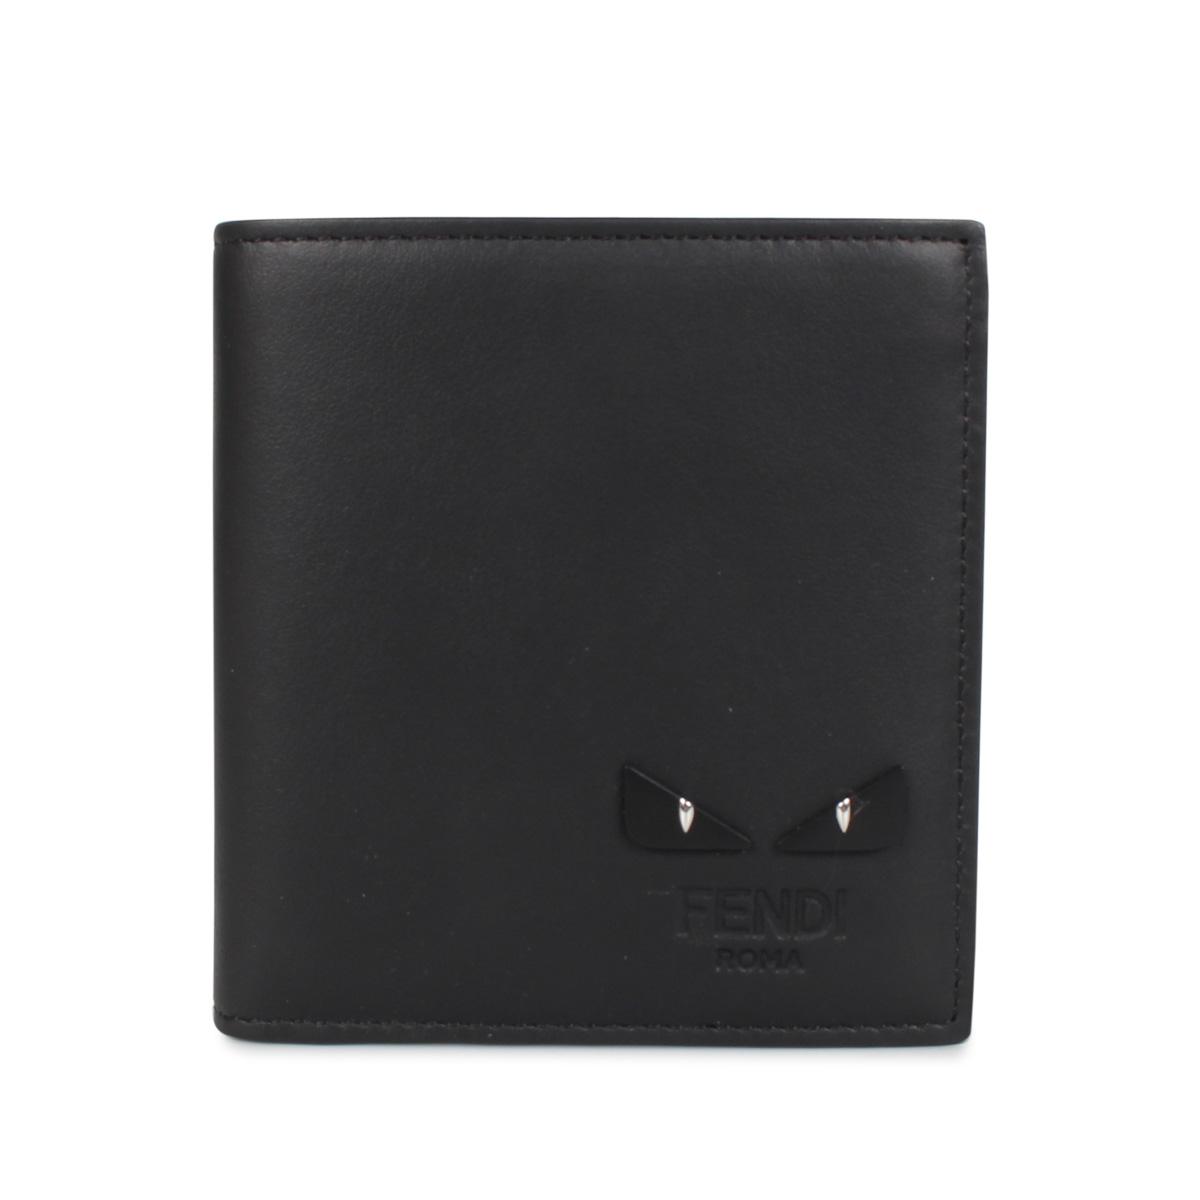 FENDI WALLET フェンディ 財布 二つ折り メンズ モンスター ブラック 黒 7M0274 6OC